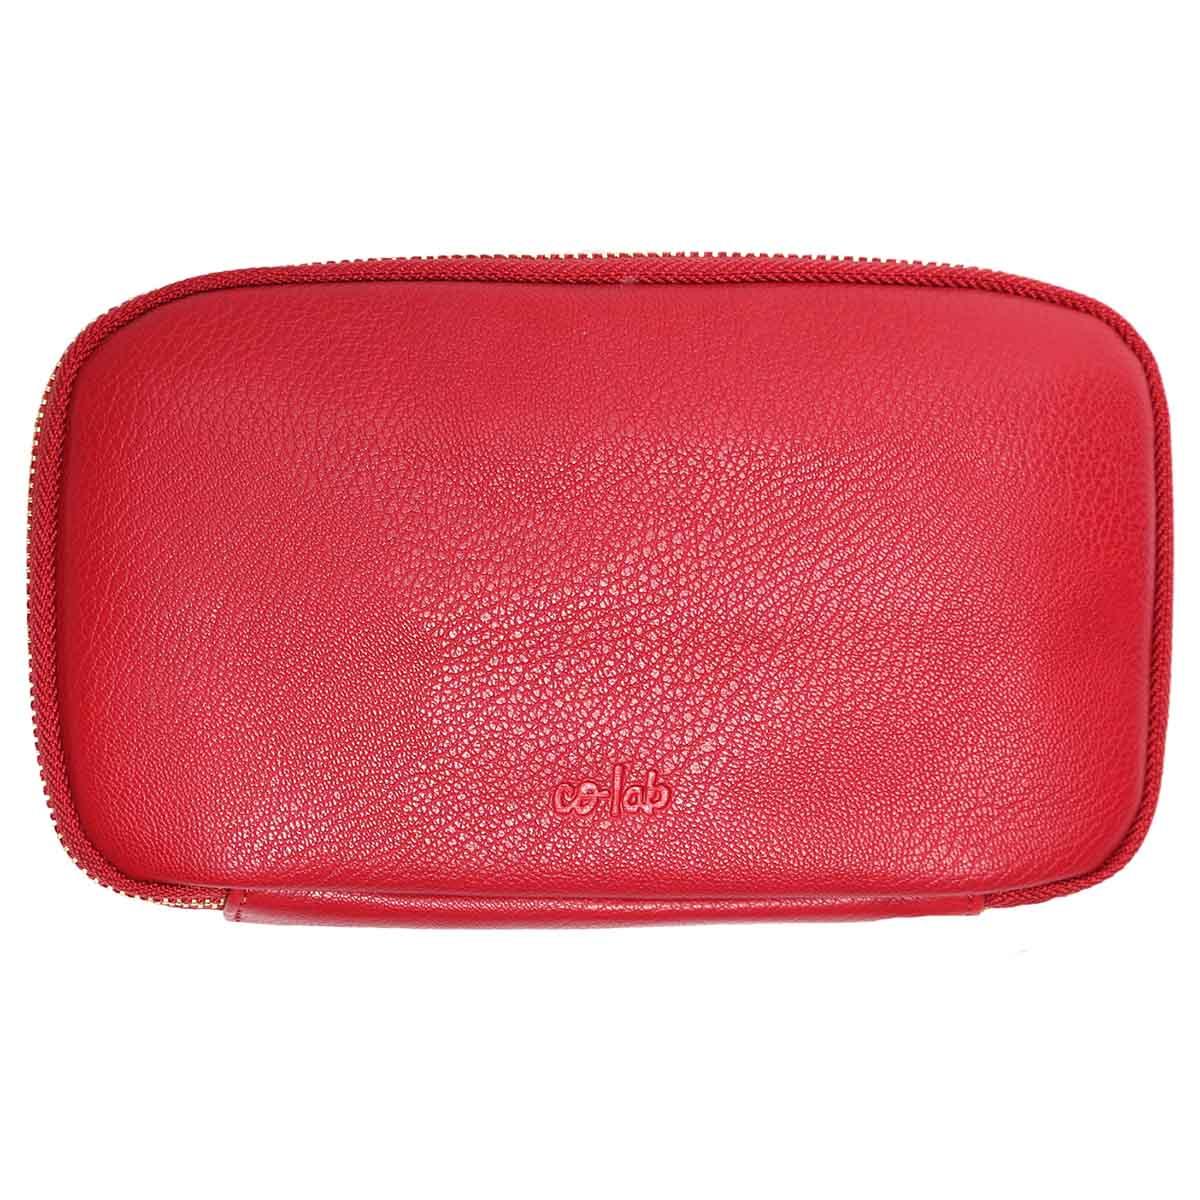 Zip Around red pebble wallet